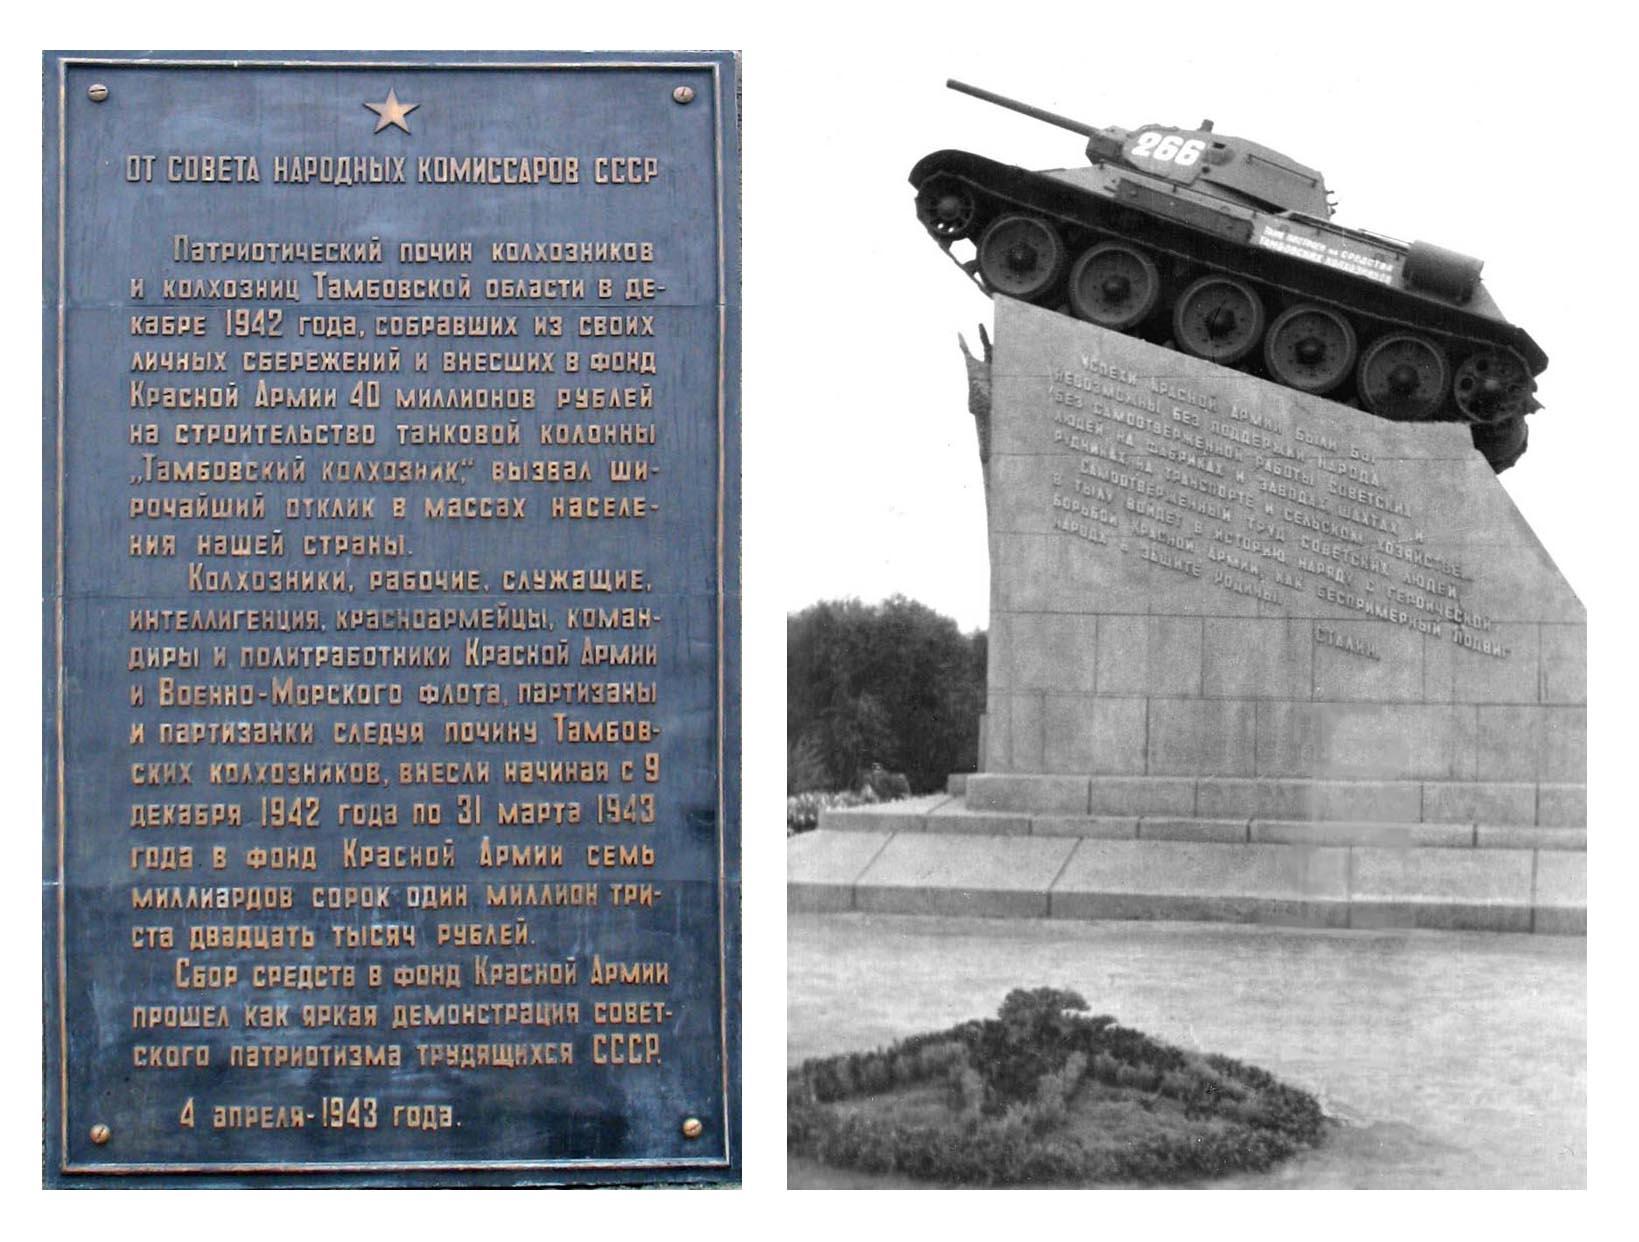 Доска на фасаде постамента и фото танка 1950-х гг.